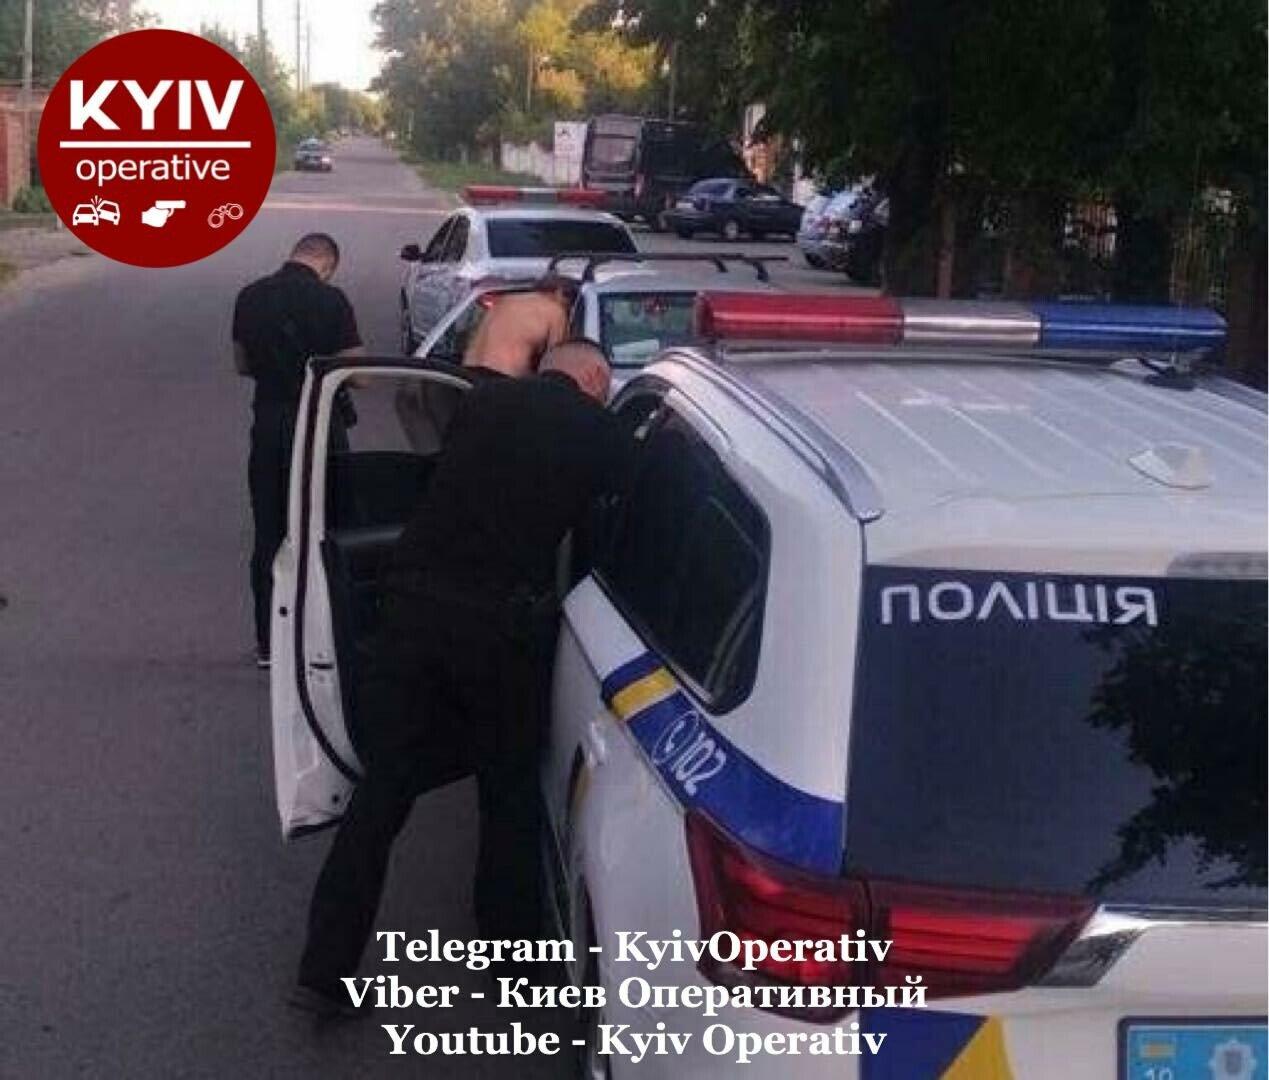 Под Киевом задержали 48-летнего мужчину, совратившего 13-летнего подростка, - ФОТО, фото-1